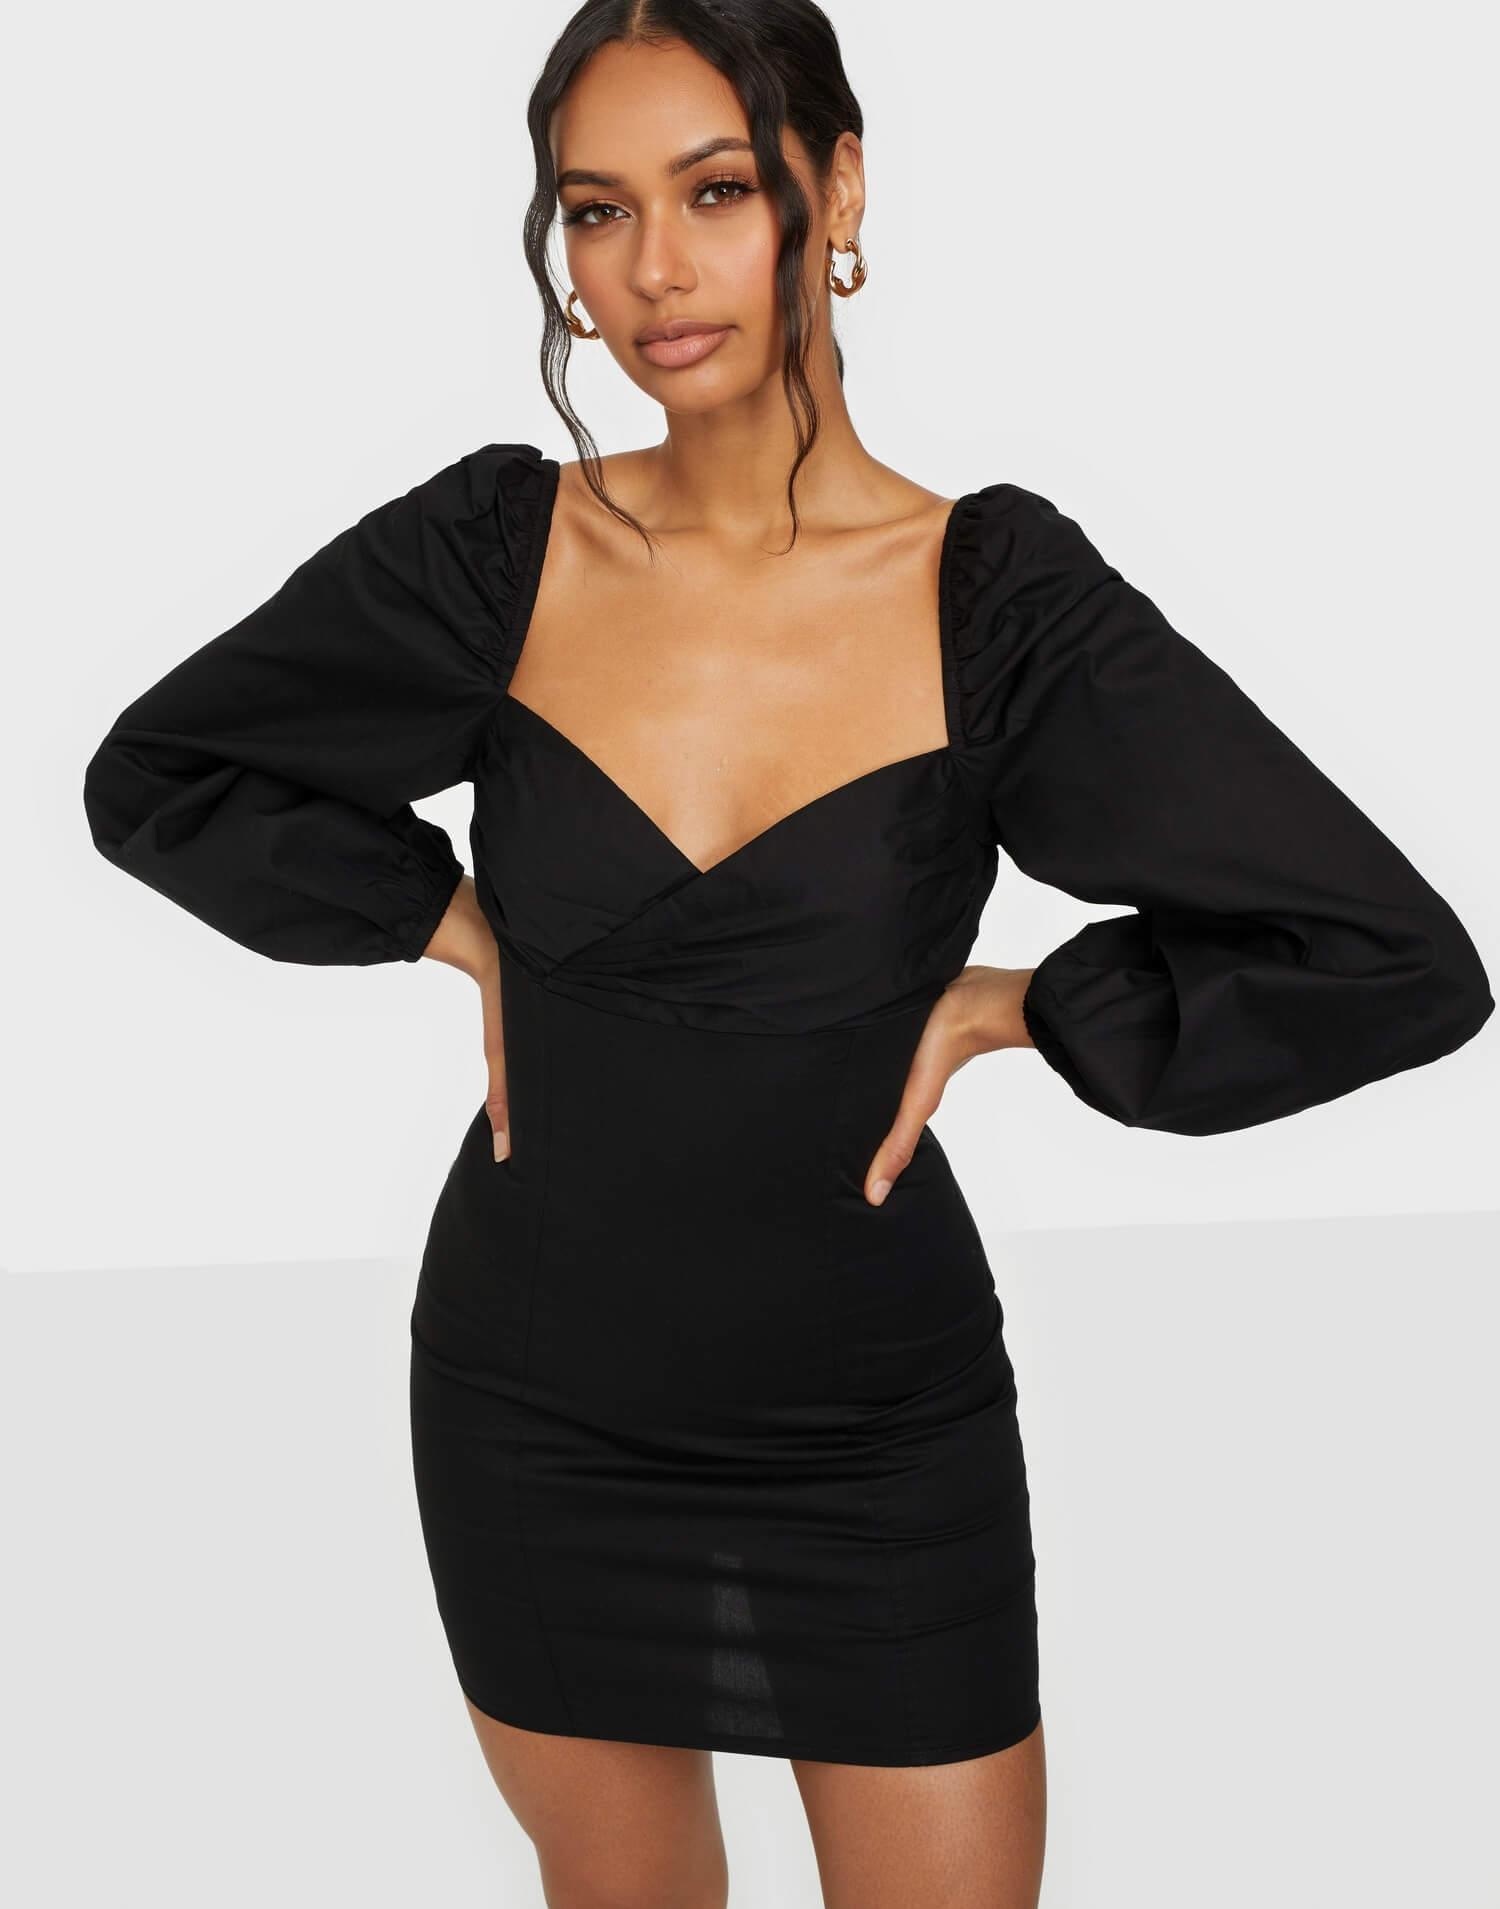 en taight svart klänning med puffiga länga ärmar